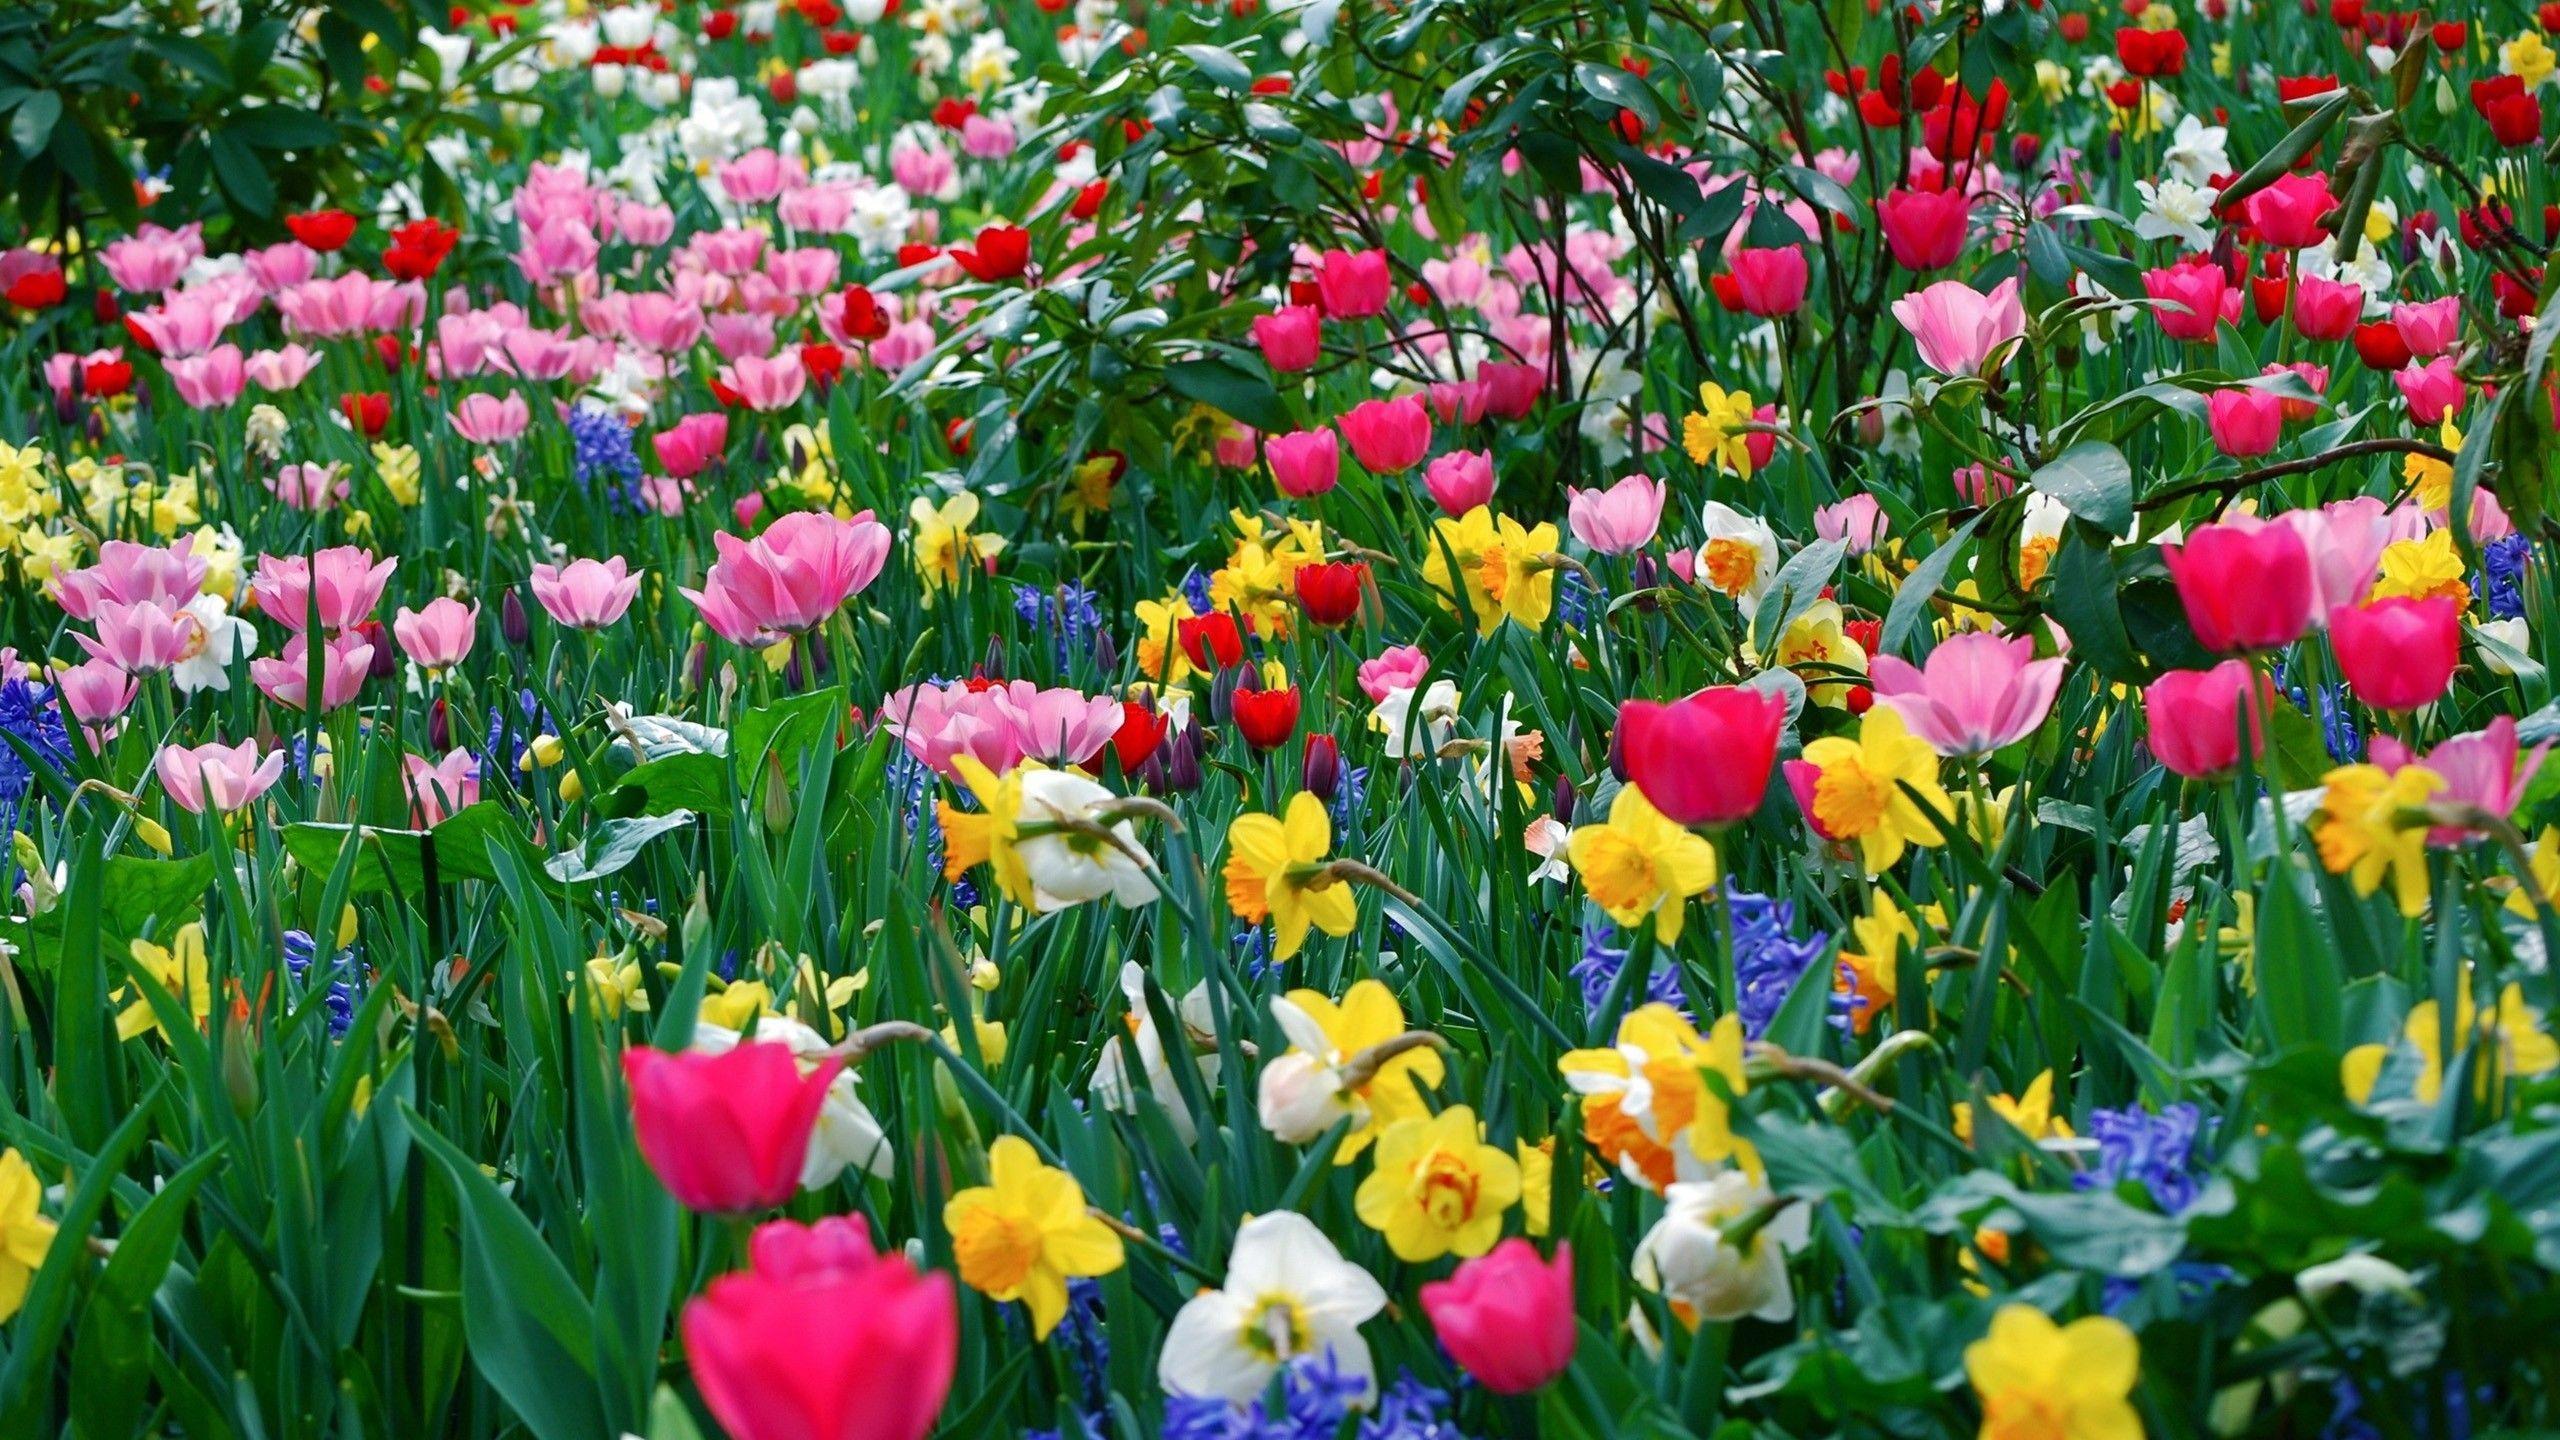 Hình ảnh mùa xuân vườn hoa nhiều sắc màu đẹp